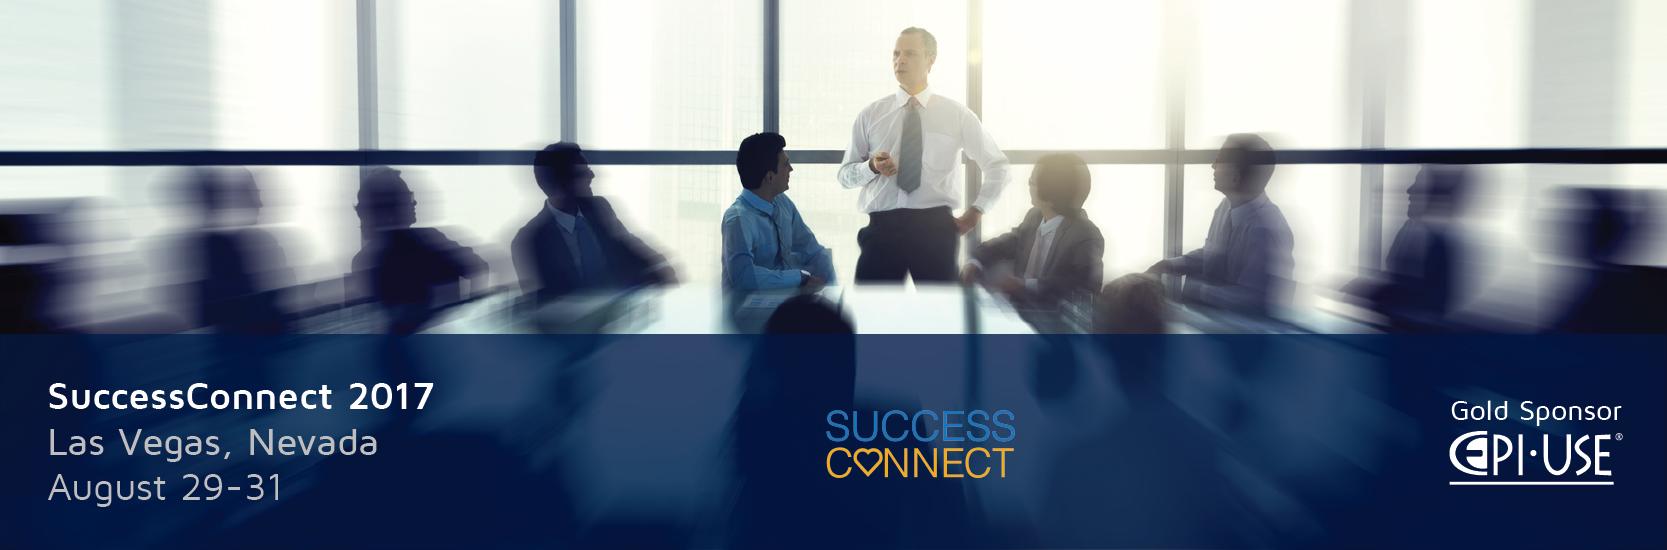 SuccessConnect 2017